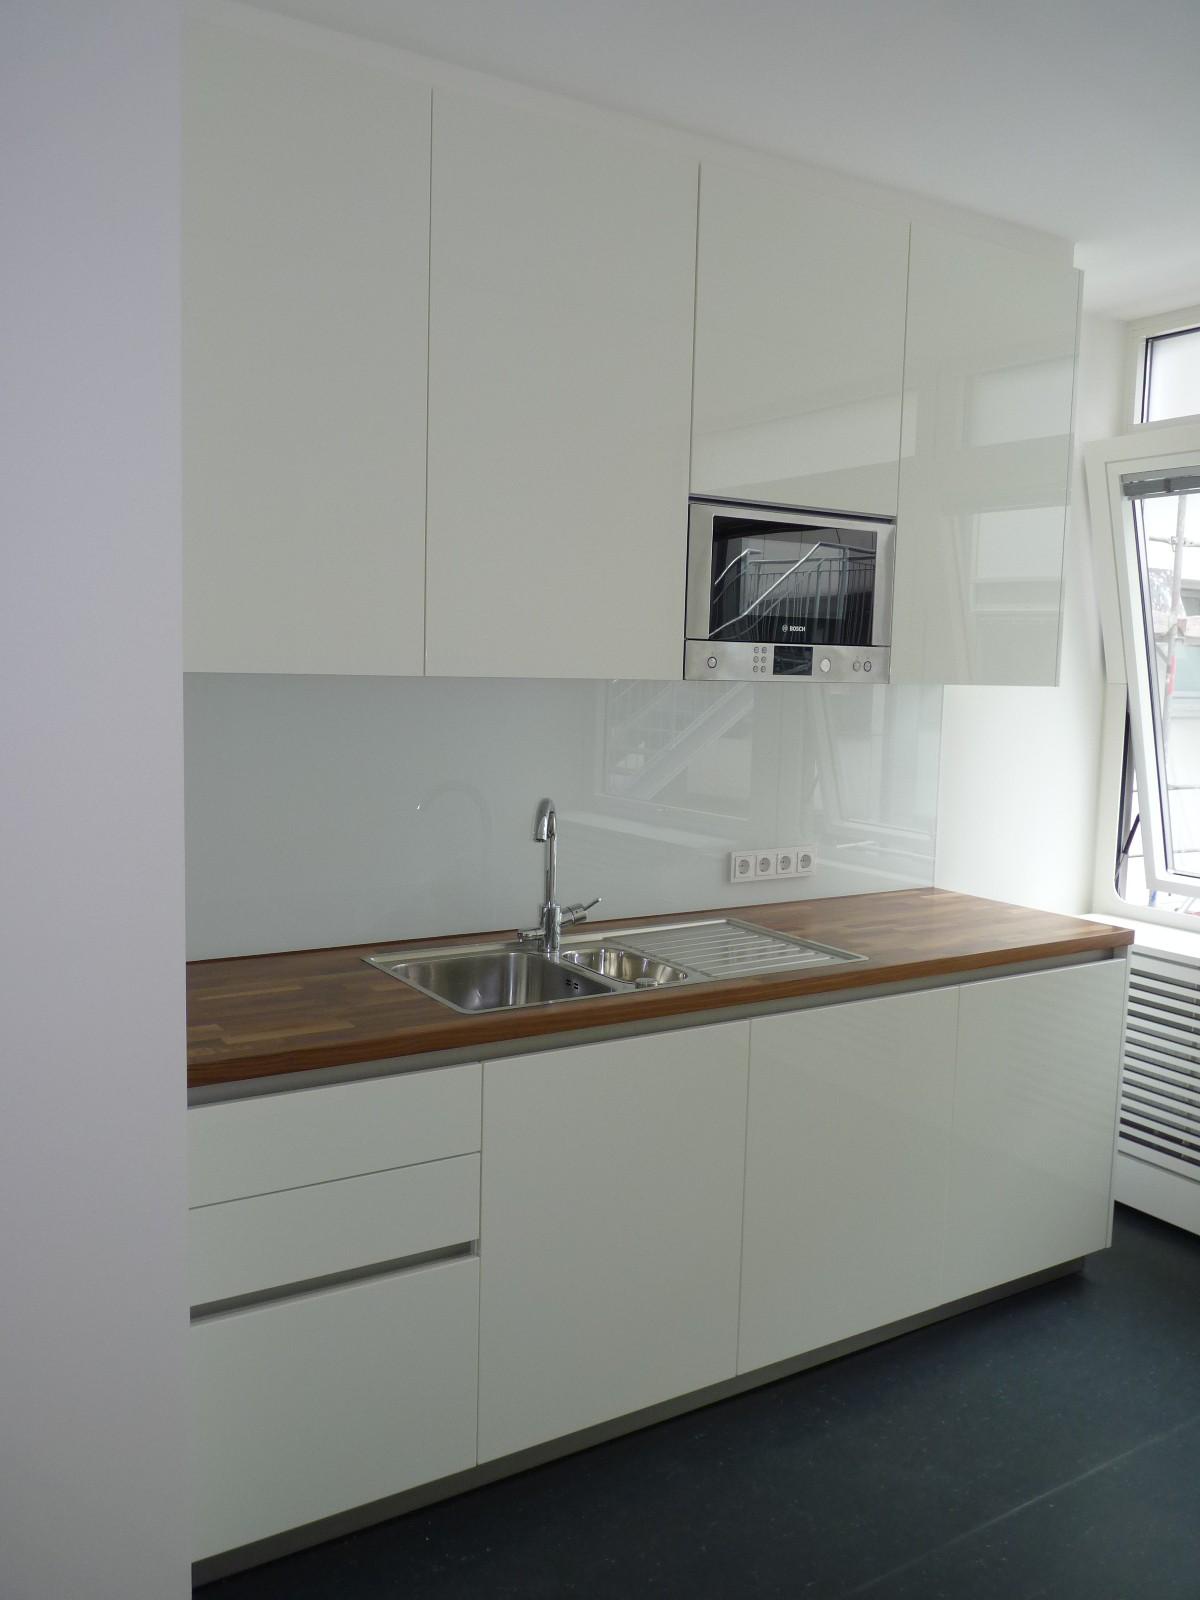 Emejing Waschbecken Design Flugelform Images - Interior Design ...